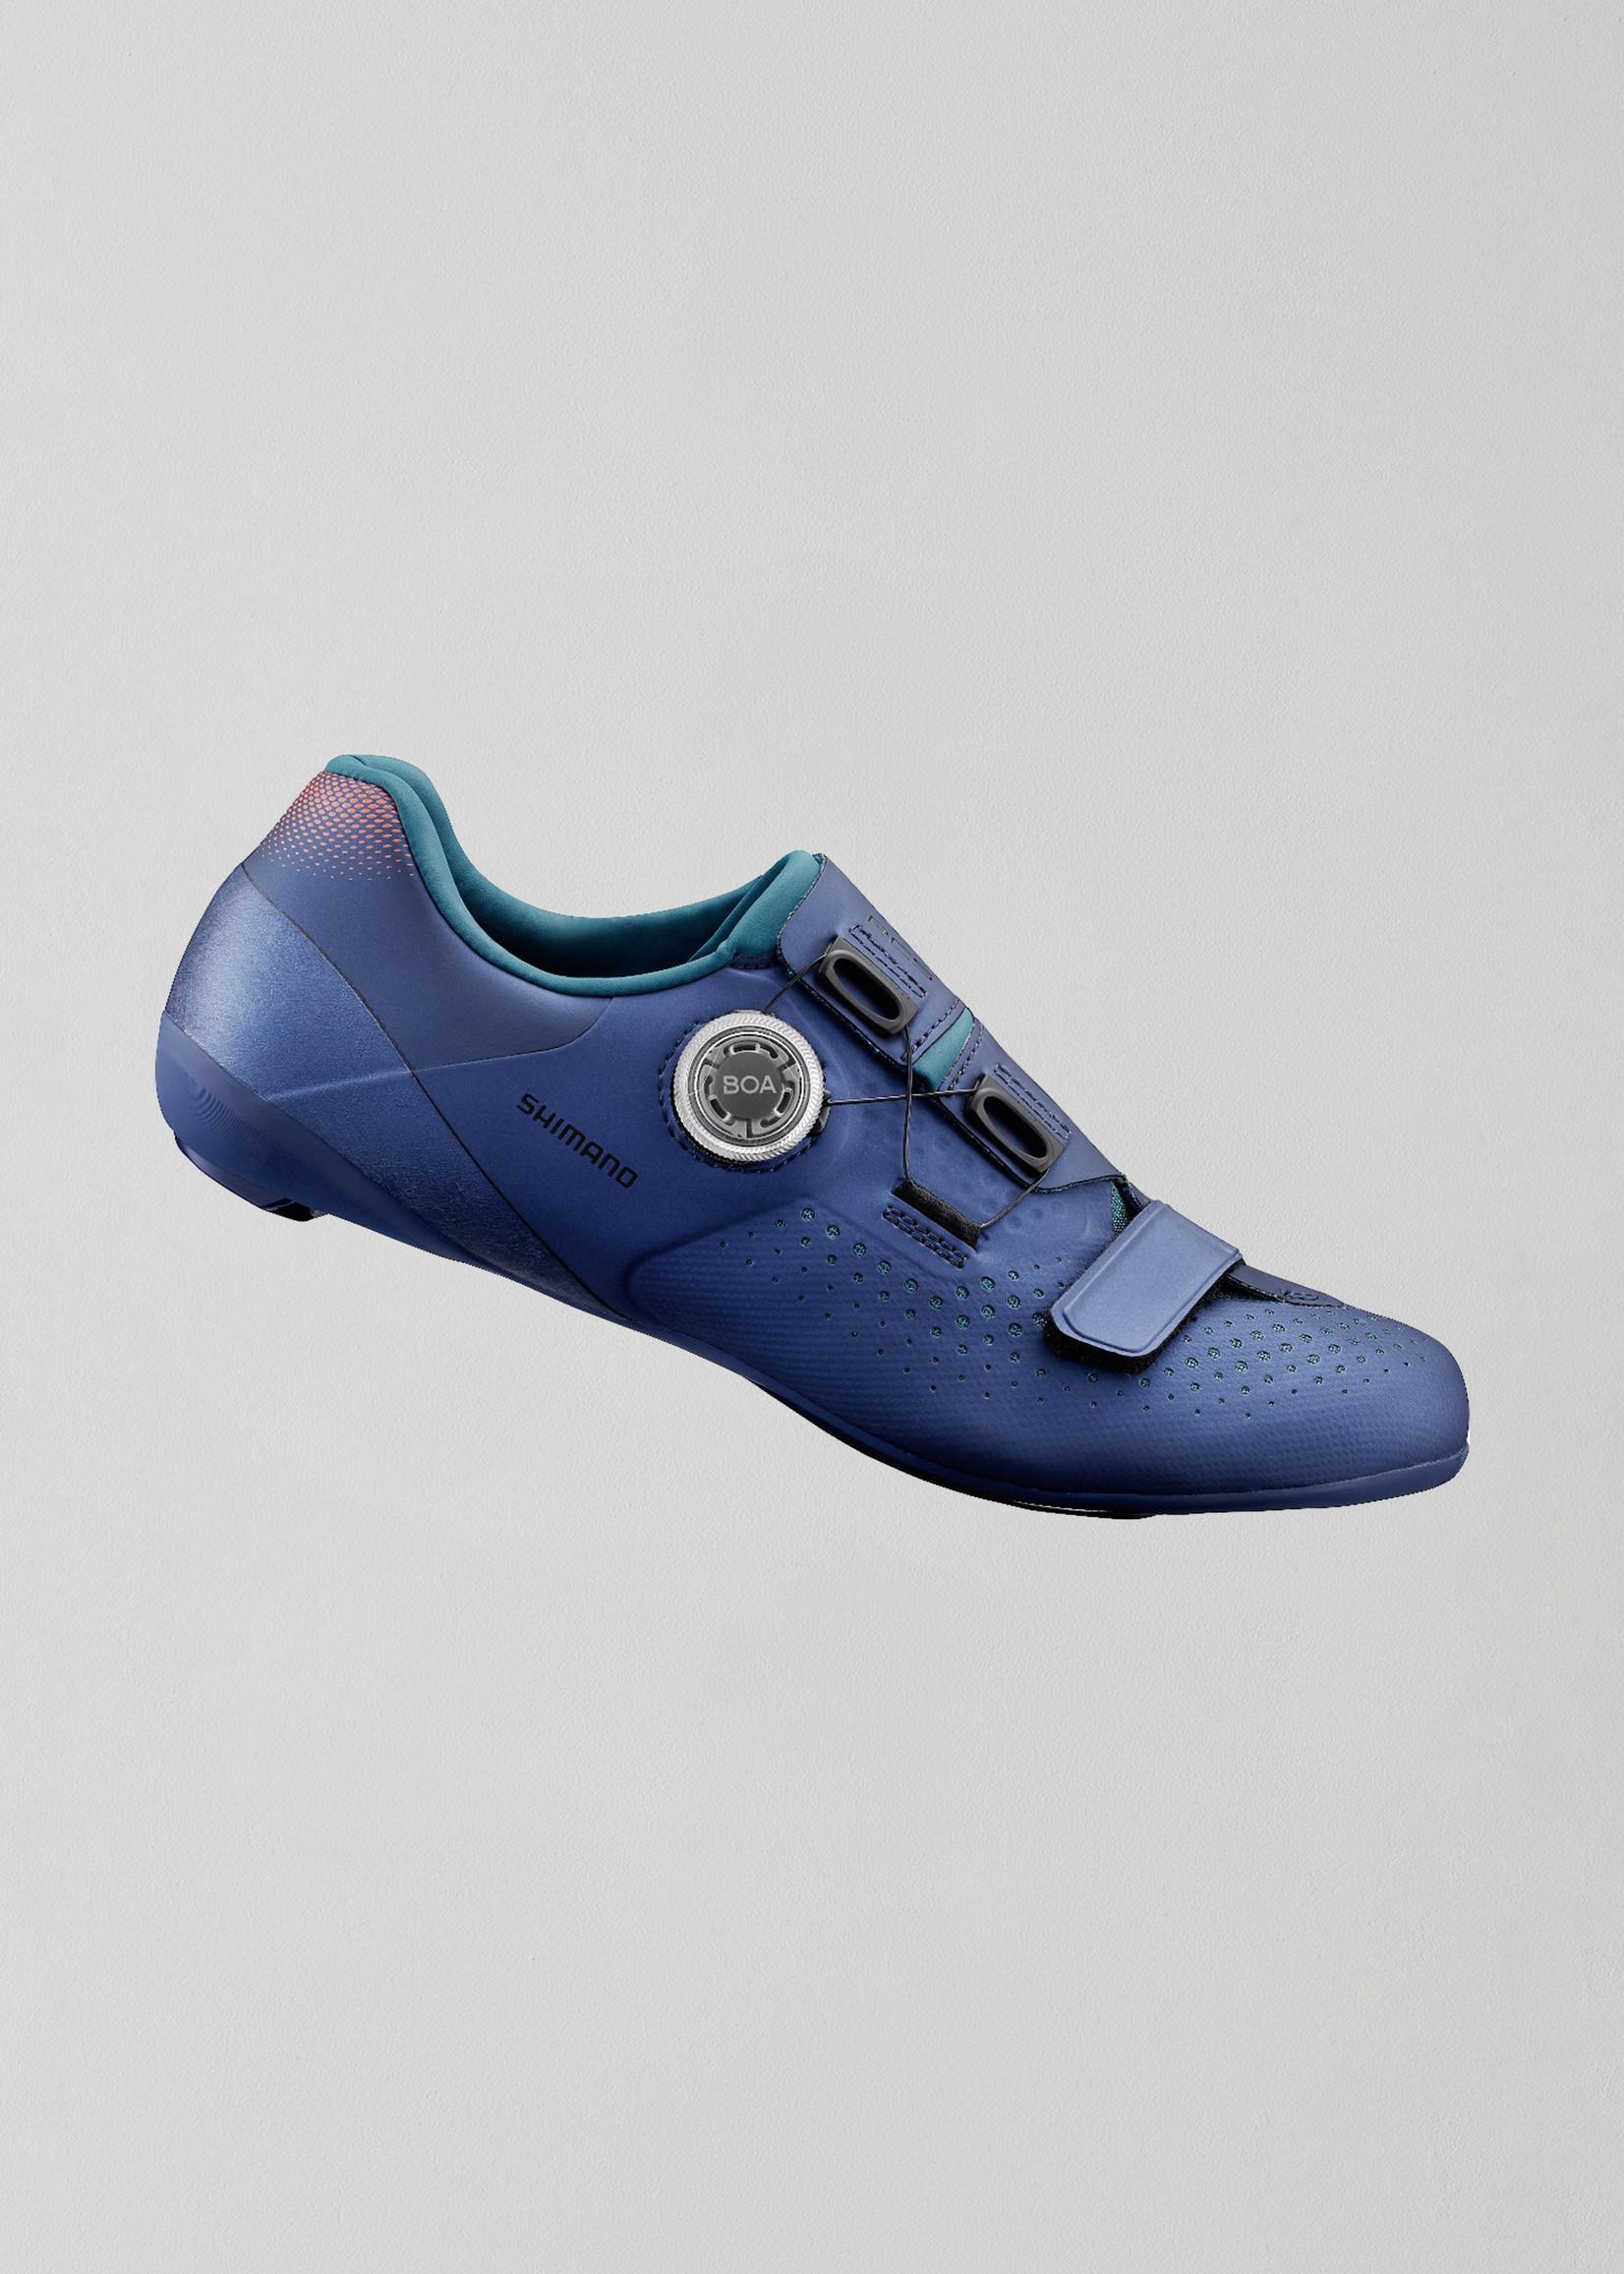 Shimano Women's Shoes Road RC500